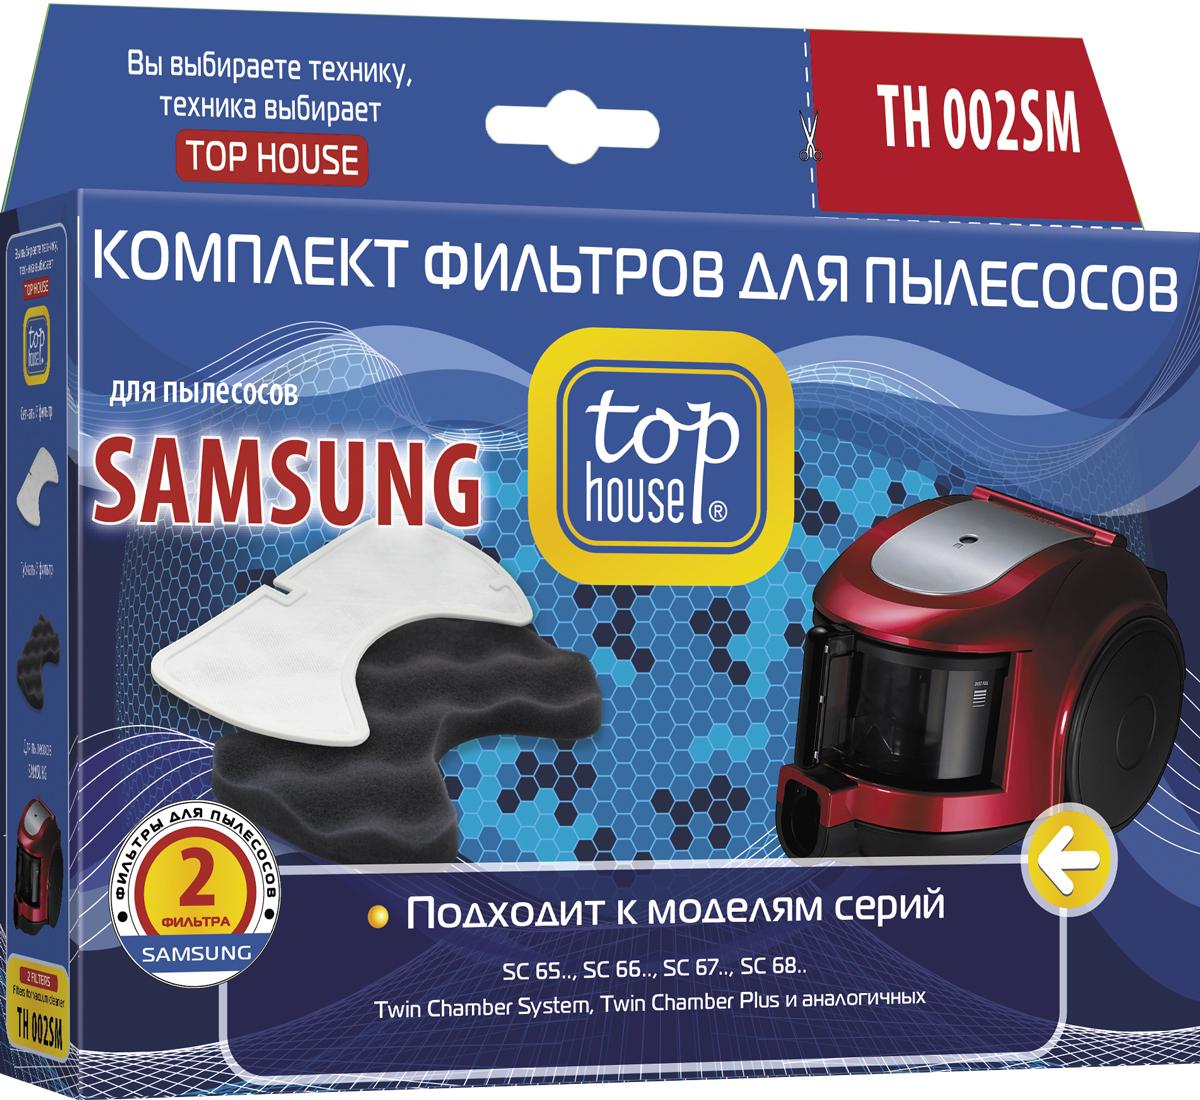 Top House TH 002SM комплект фильтров для пылесосов Samsung, 2 шт top house 235282